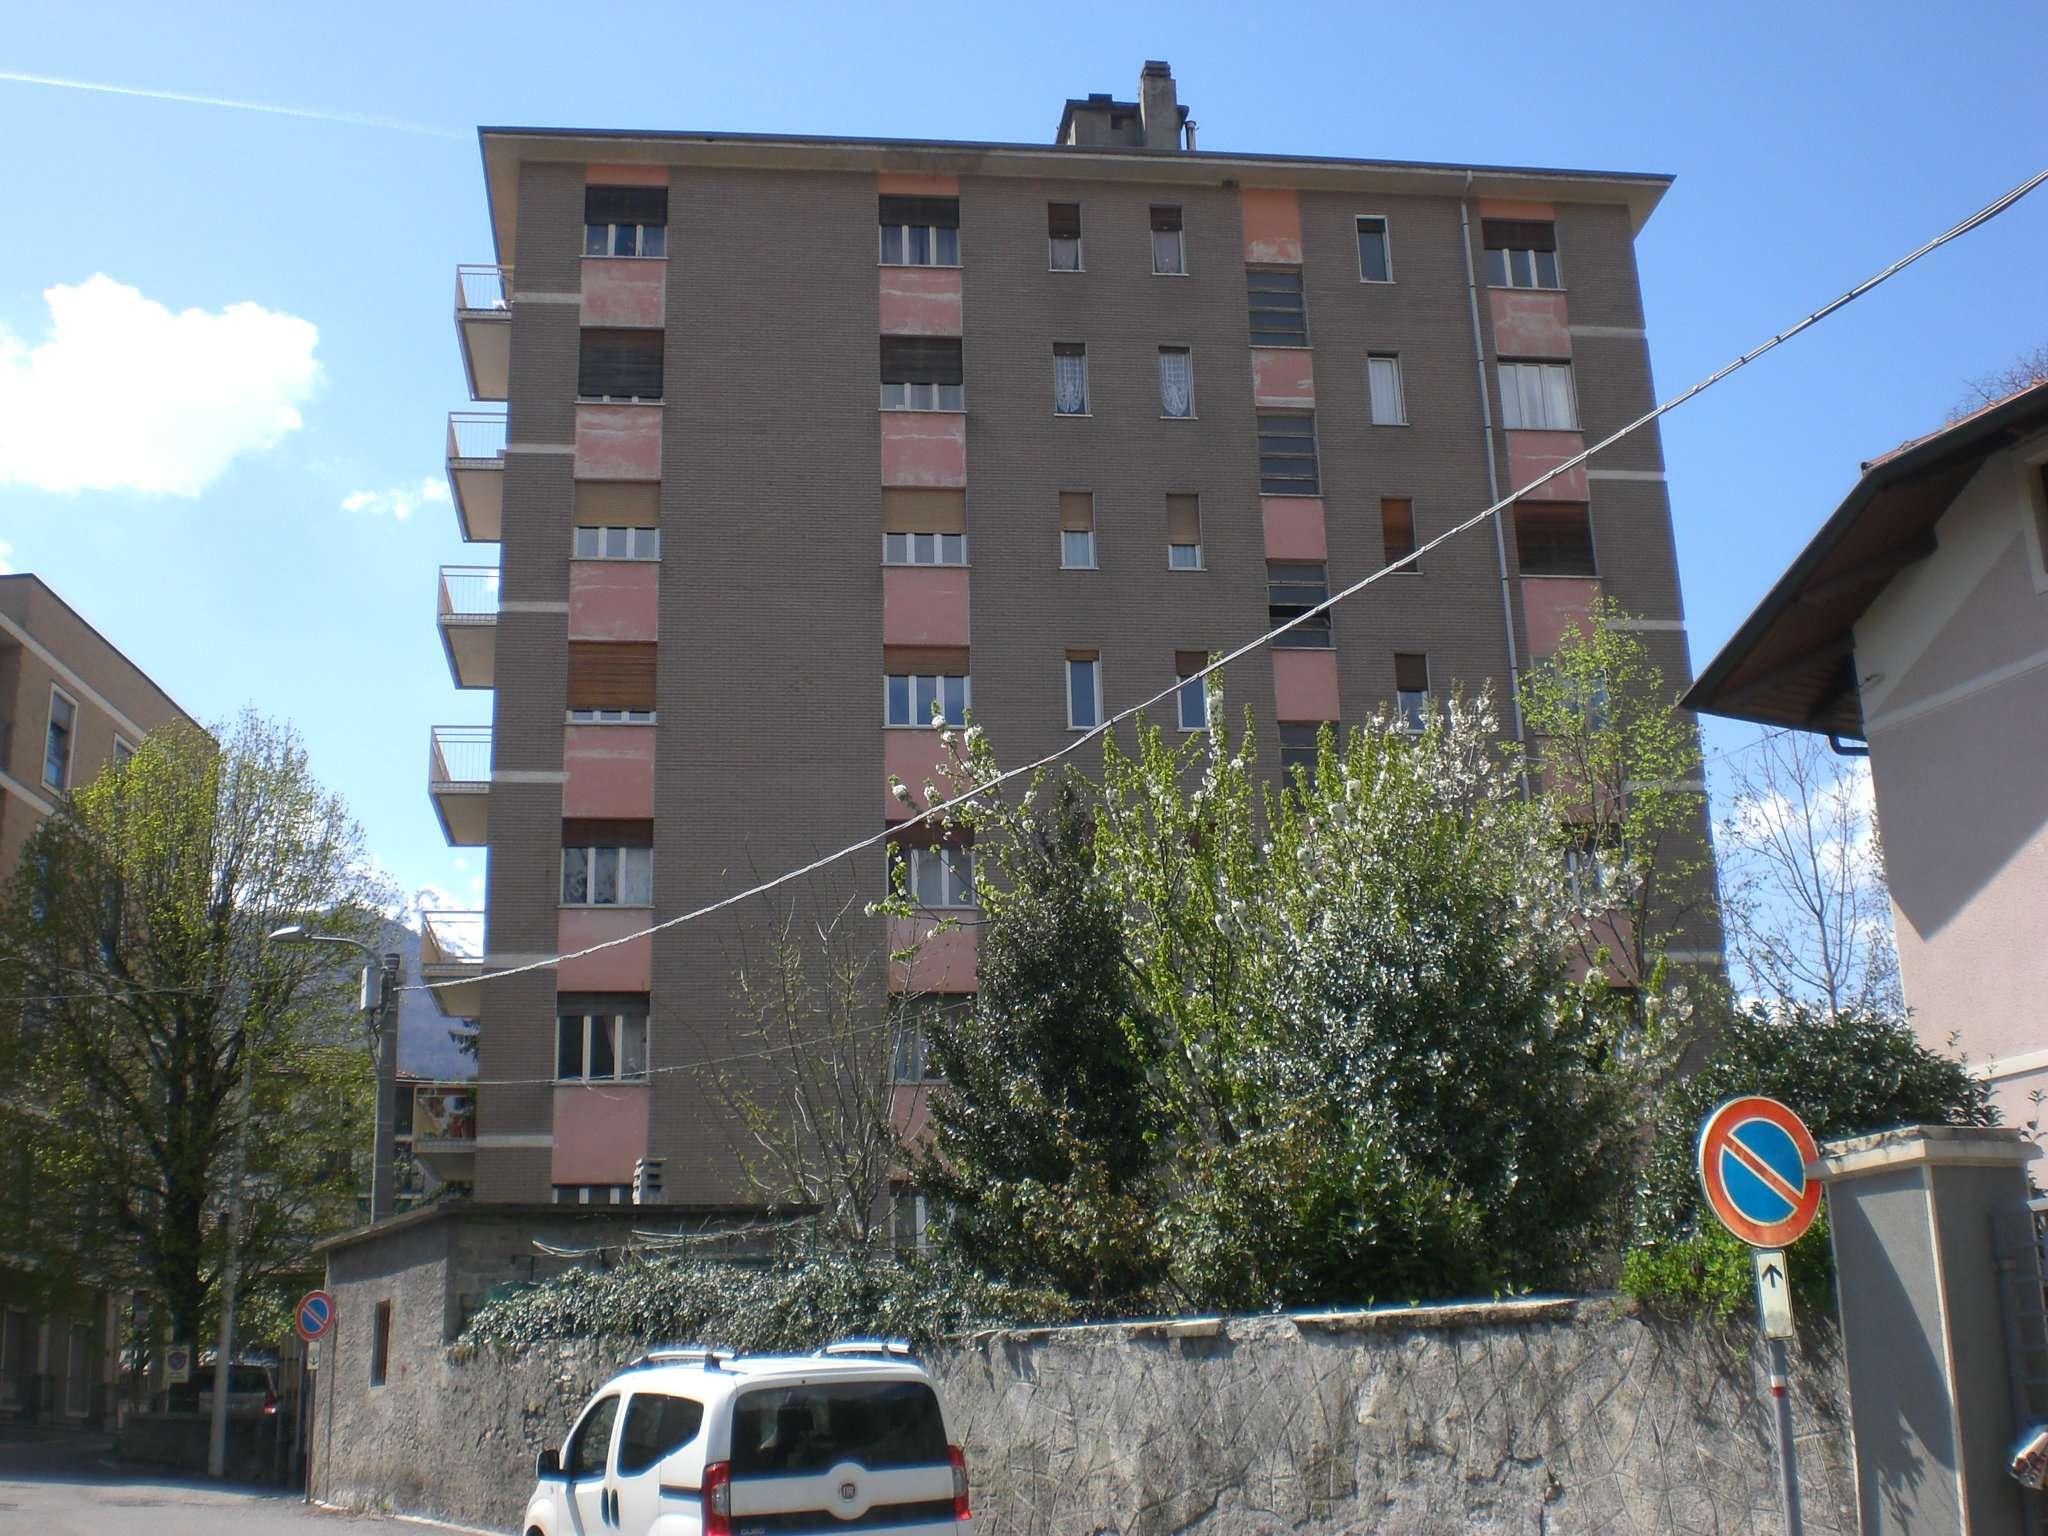 Appartamento in vendita a Bussoleno, 3 locali, prezzo € 32.000 | CambioCasa.it